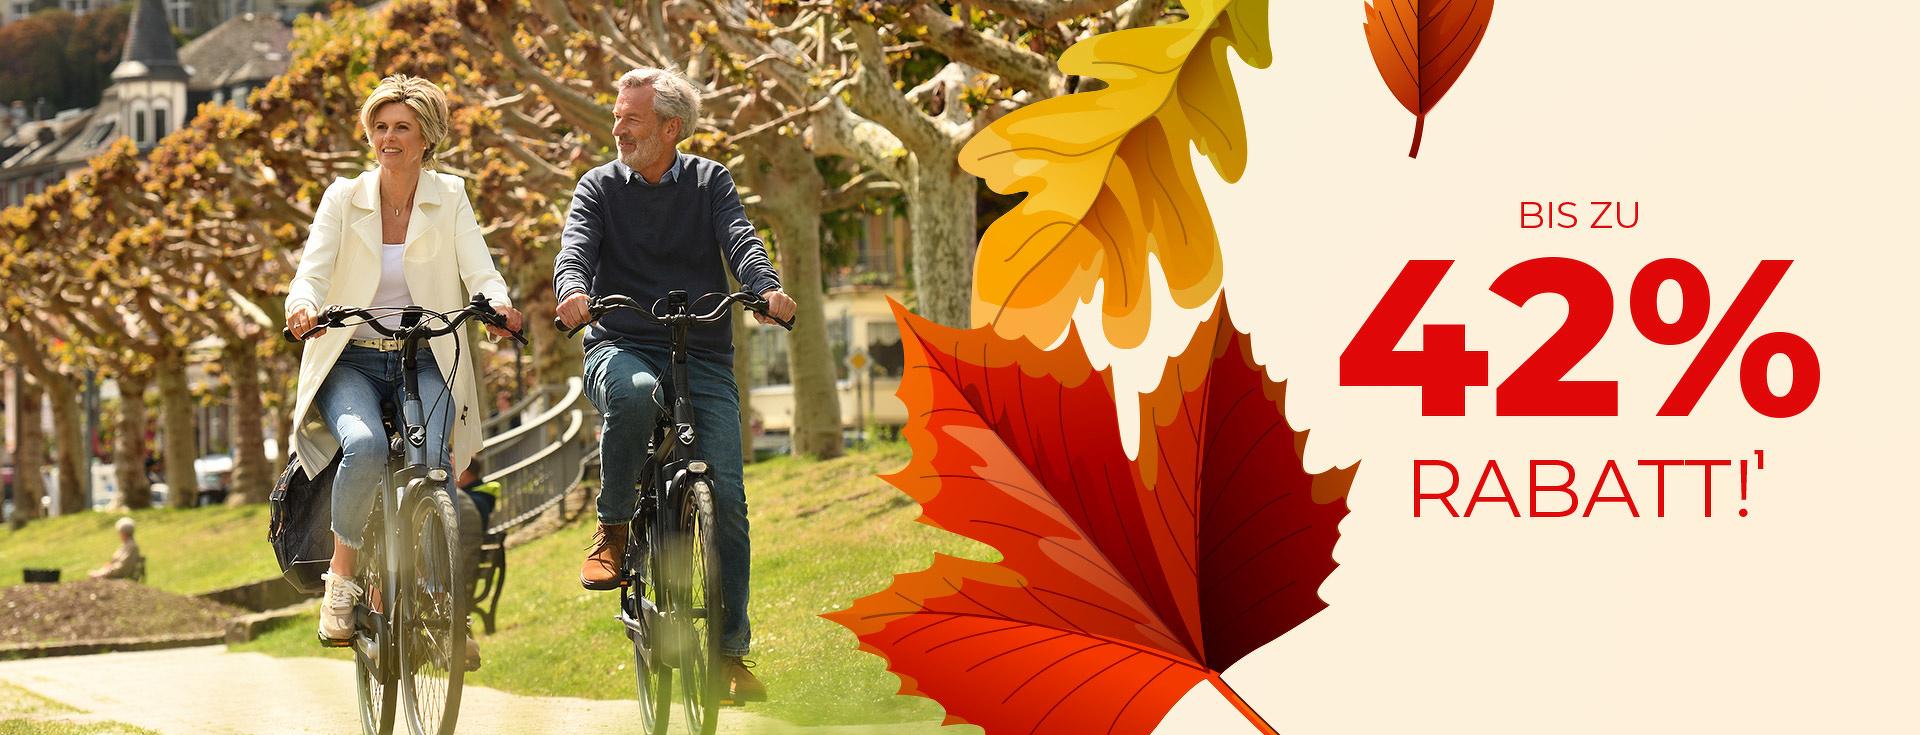 E-Bike Herbst Vorteile